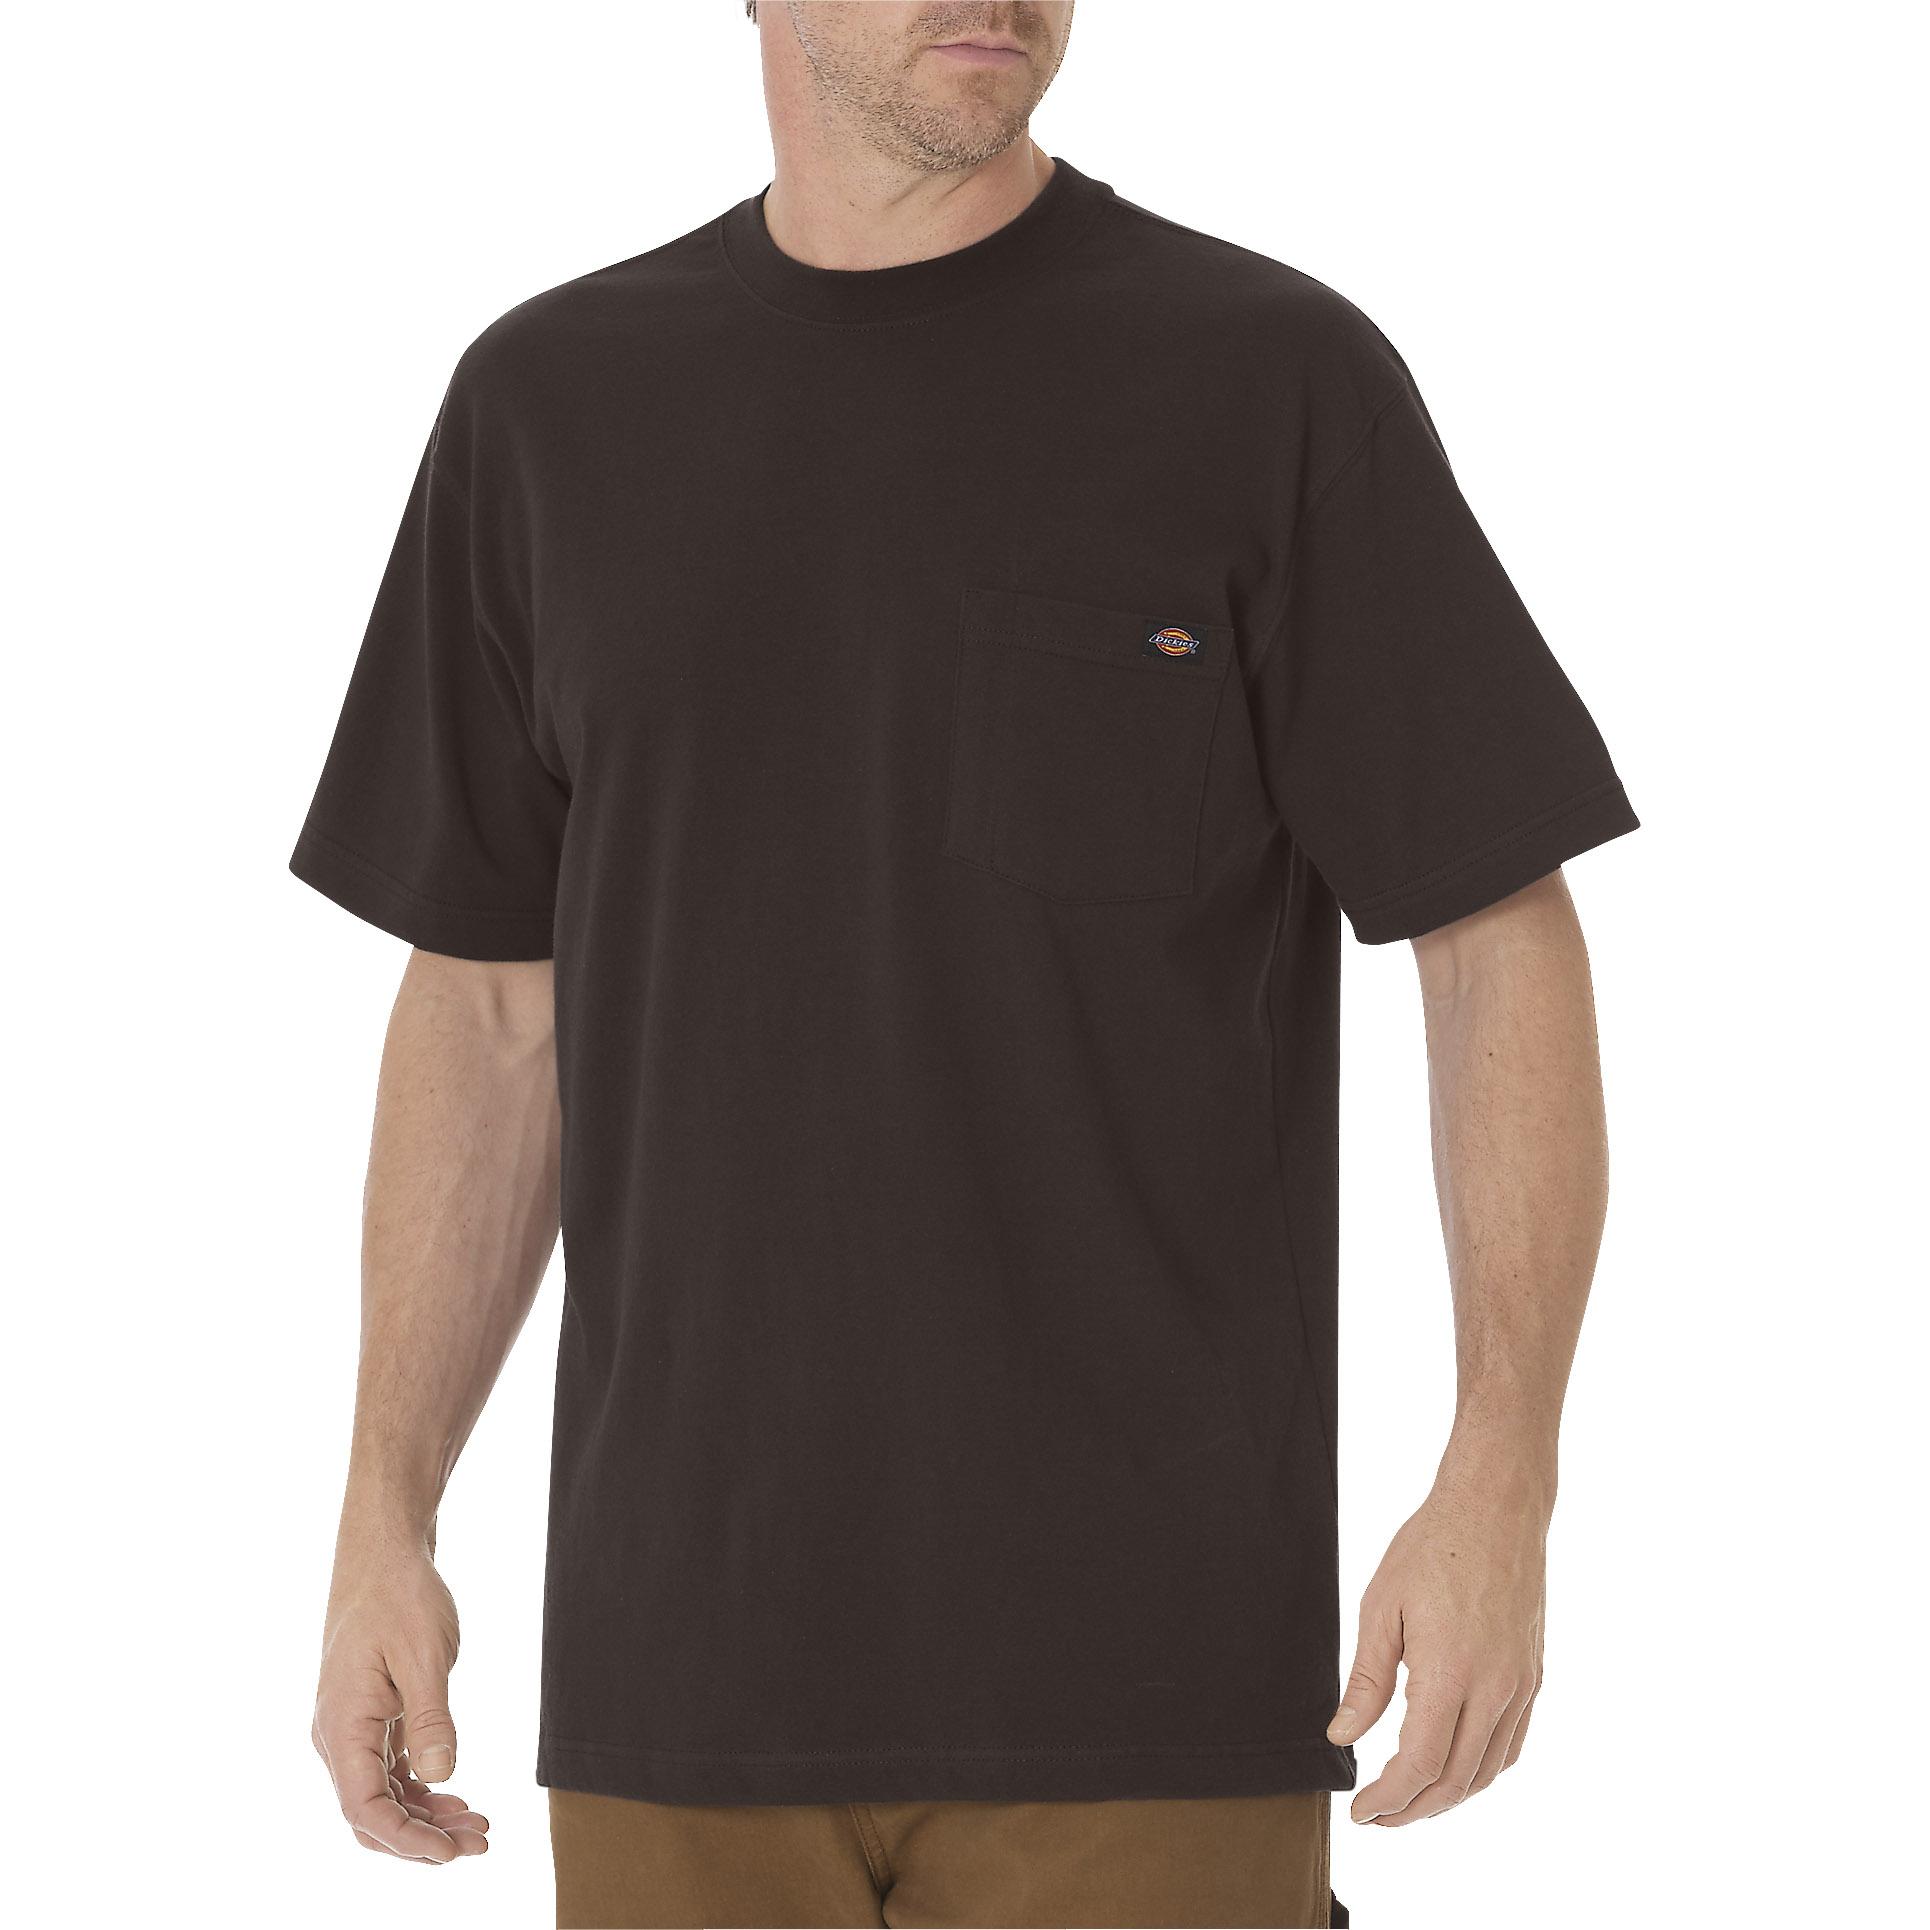 【DICKIES】WS450 重磅 素面 口袋 短T (深咖啡CB)